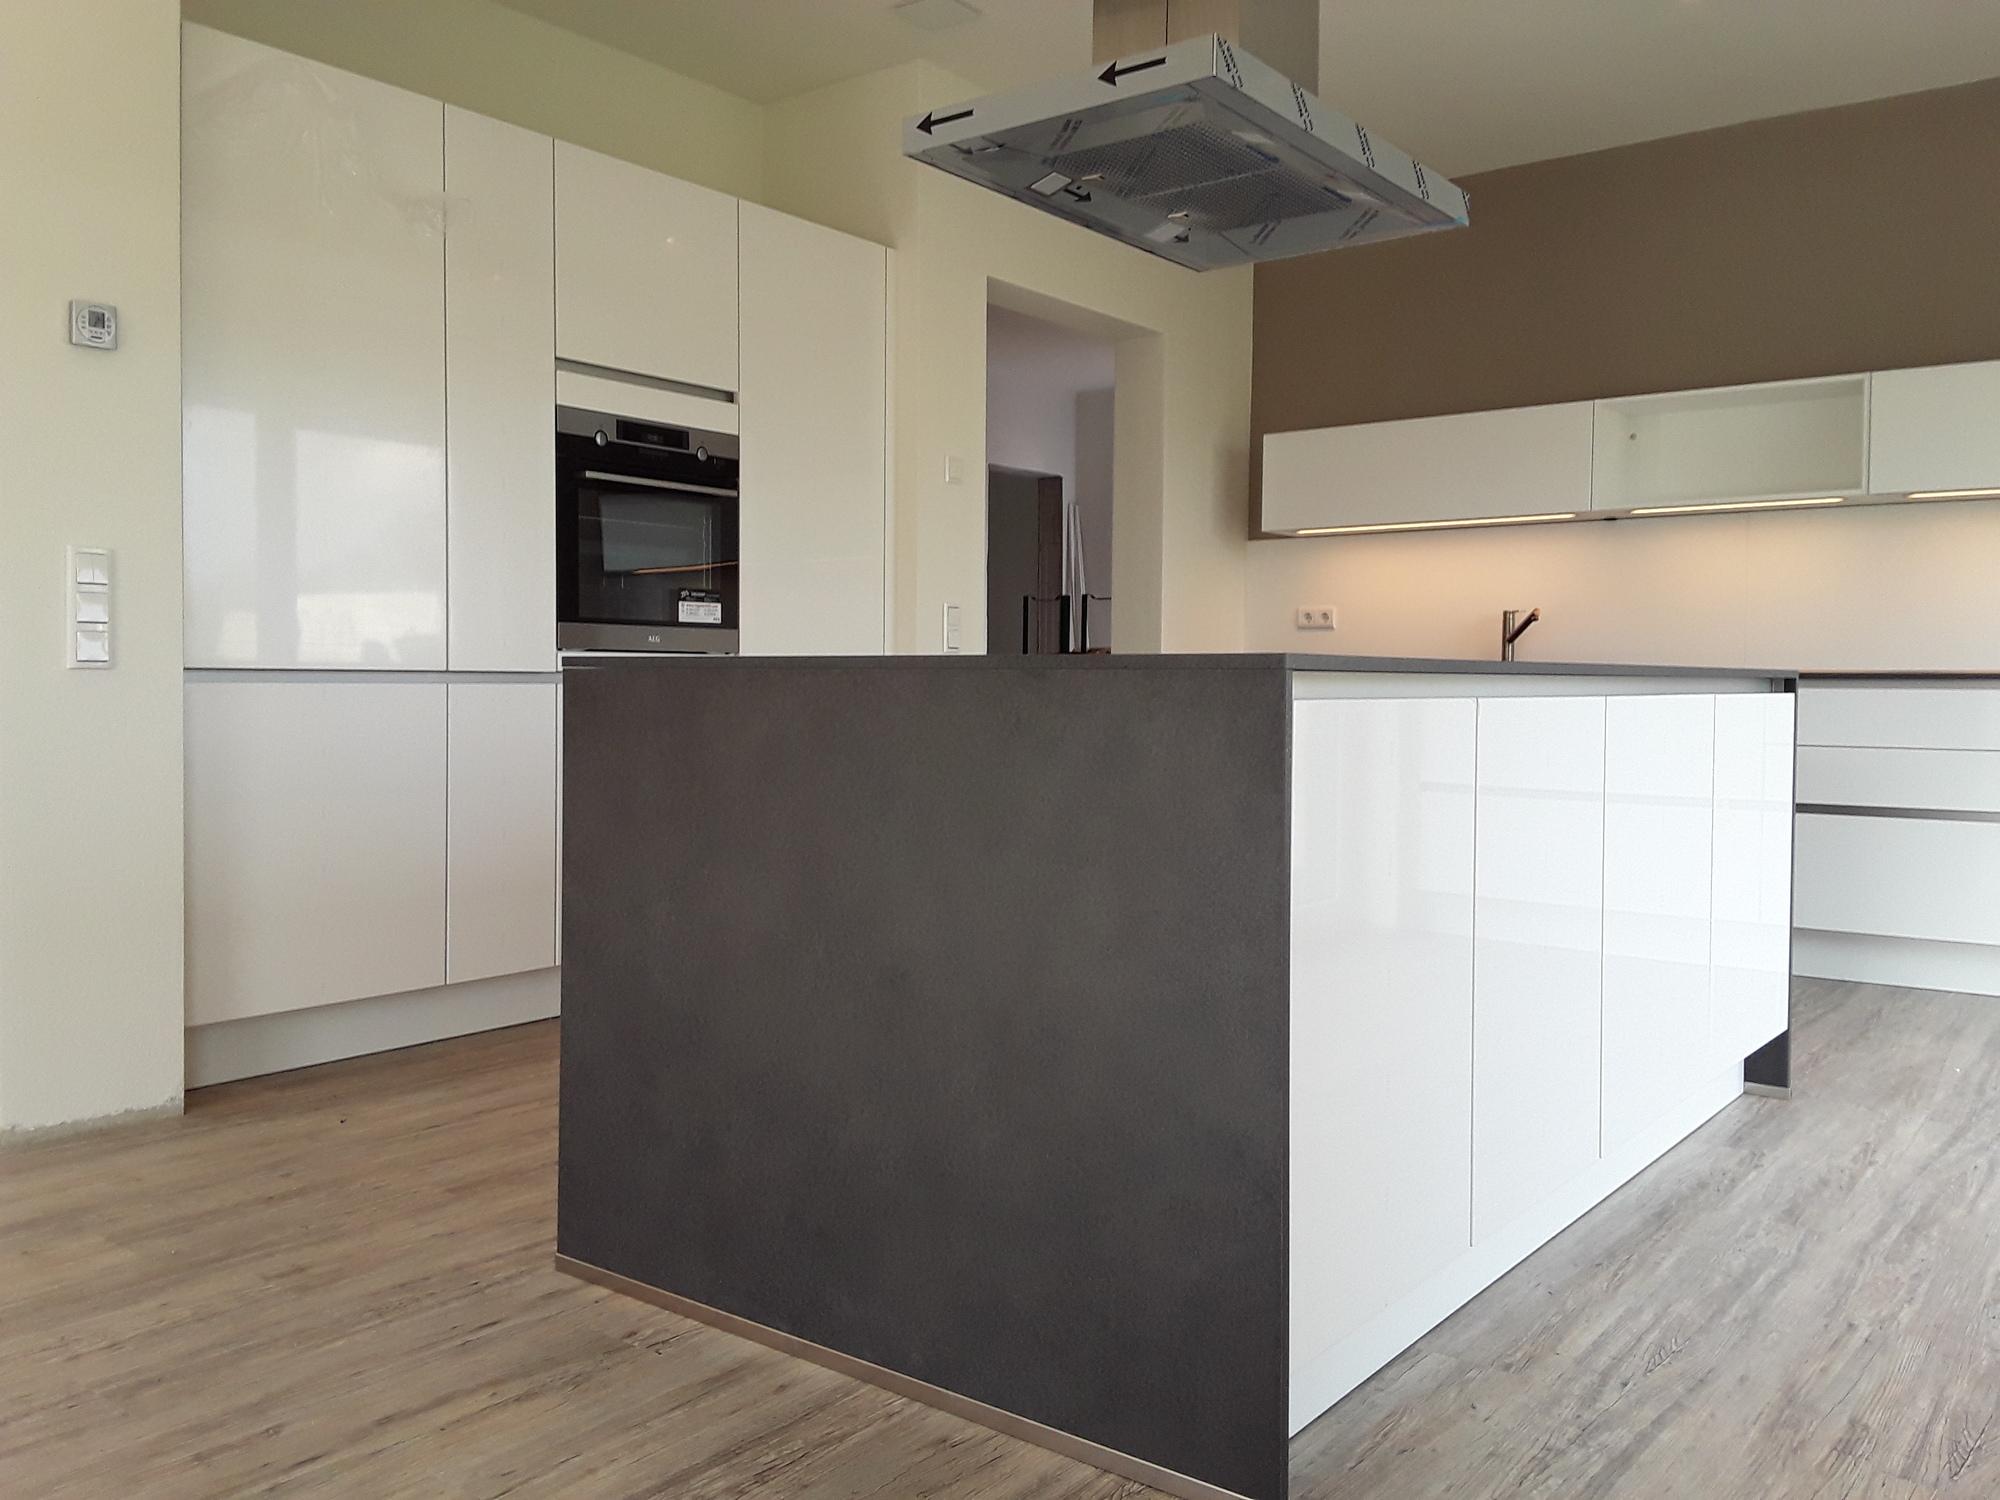 Grifflose Küche   Slimtop Arbeitsplatten 16mm Stark   Fronten Lack Matt  Weiß   Integrierte LED Langfeldleuchten In Den Hängeschränken    Handtuchhalter ...